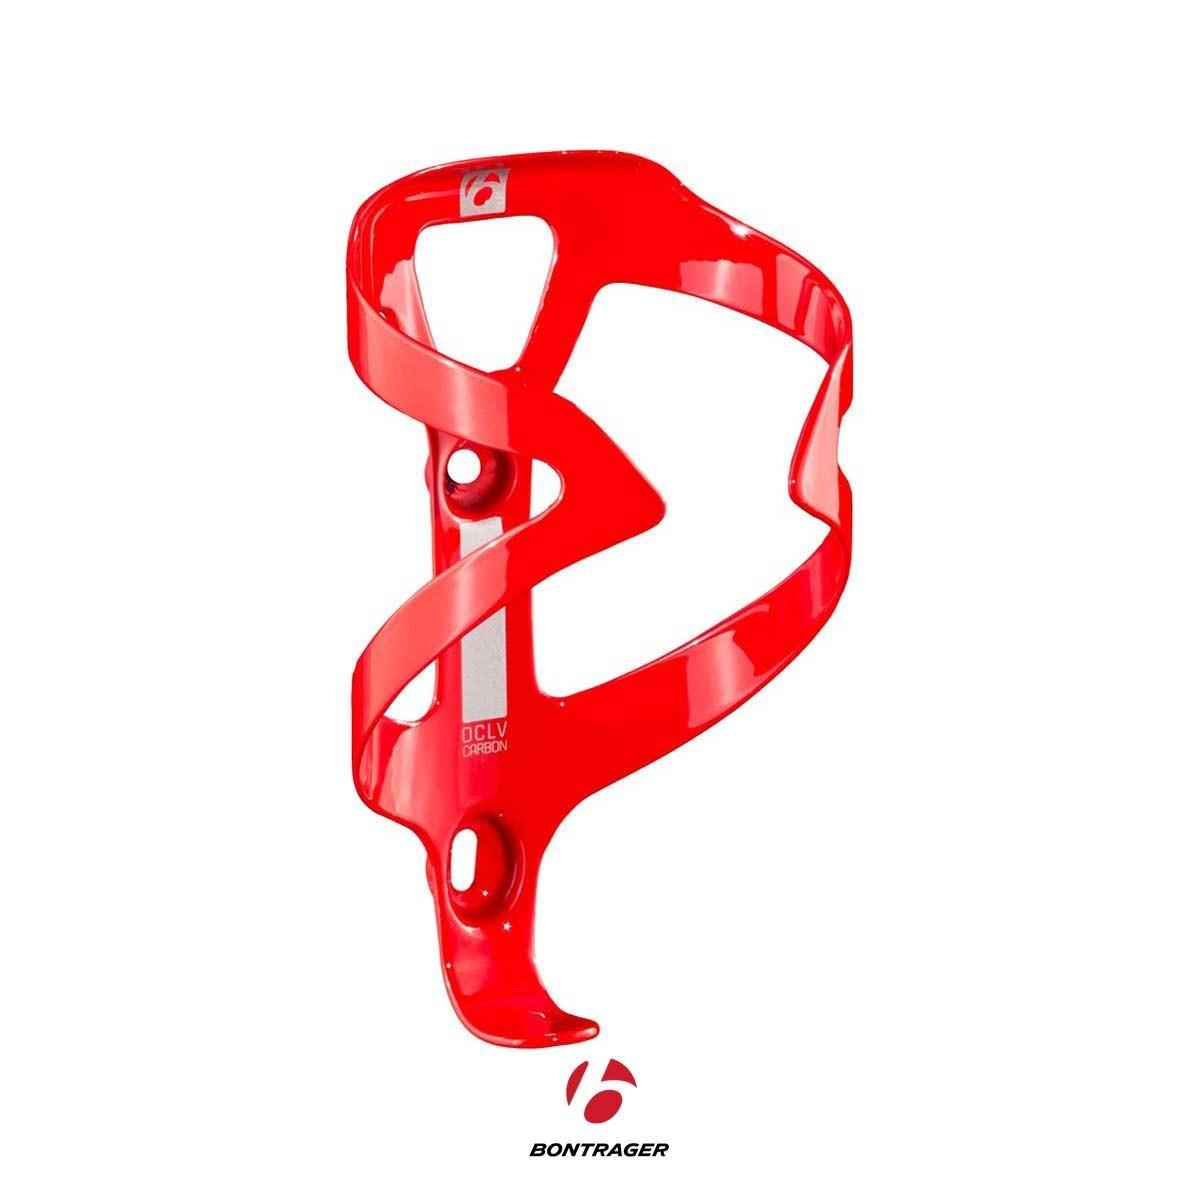 Cage Bontrager Pro Viper Red - Изображение - AQUAMATRIX